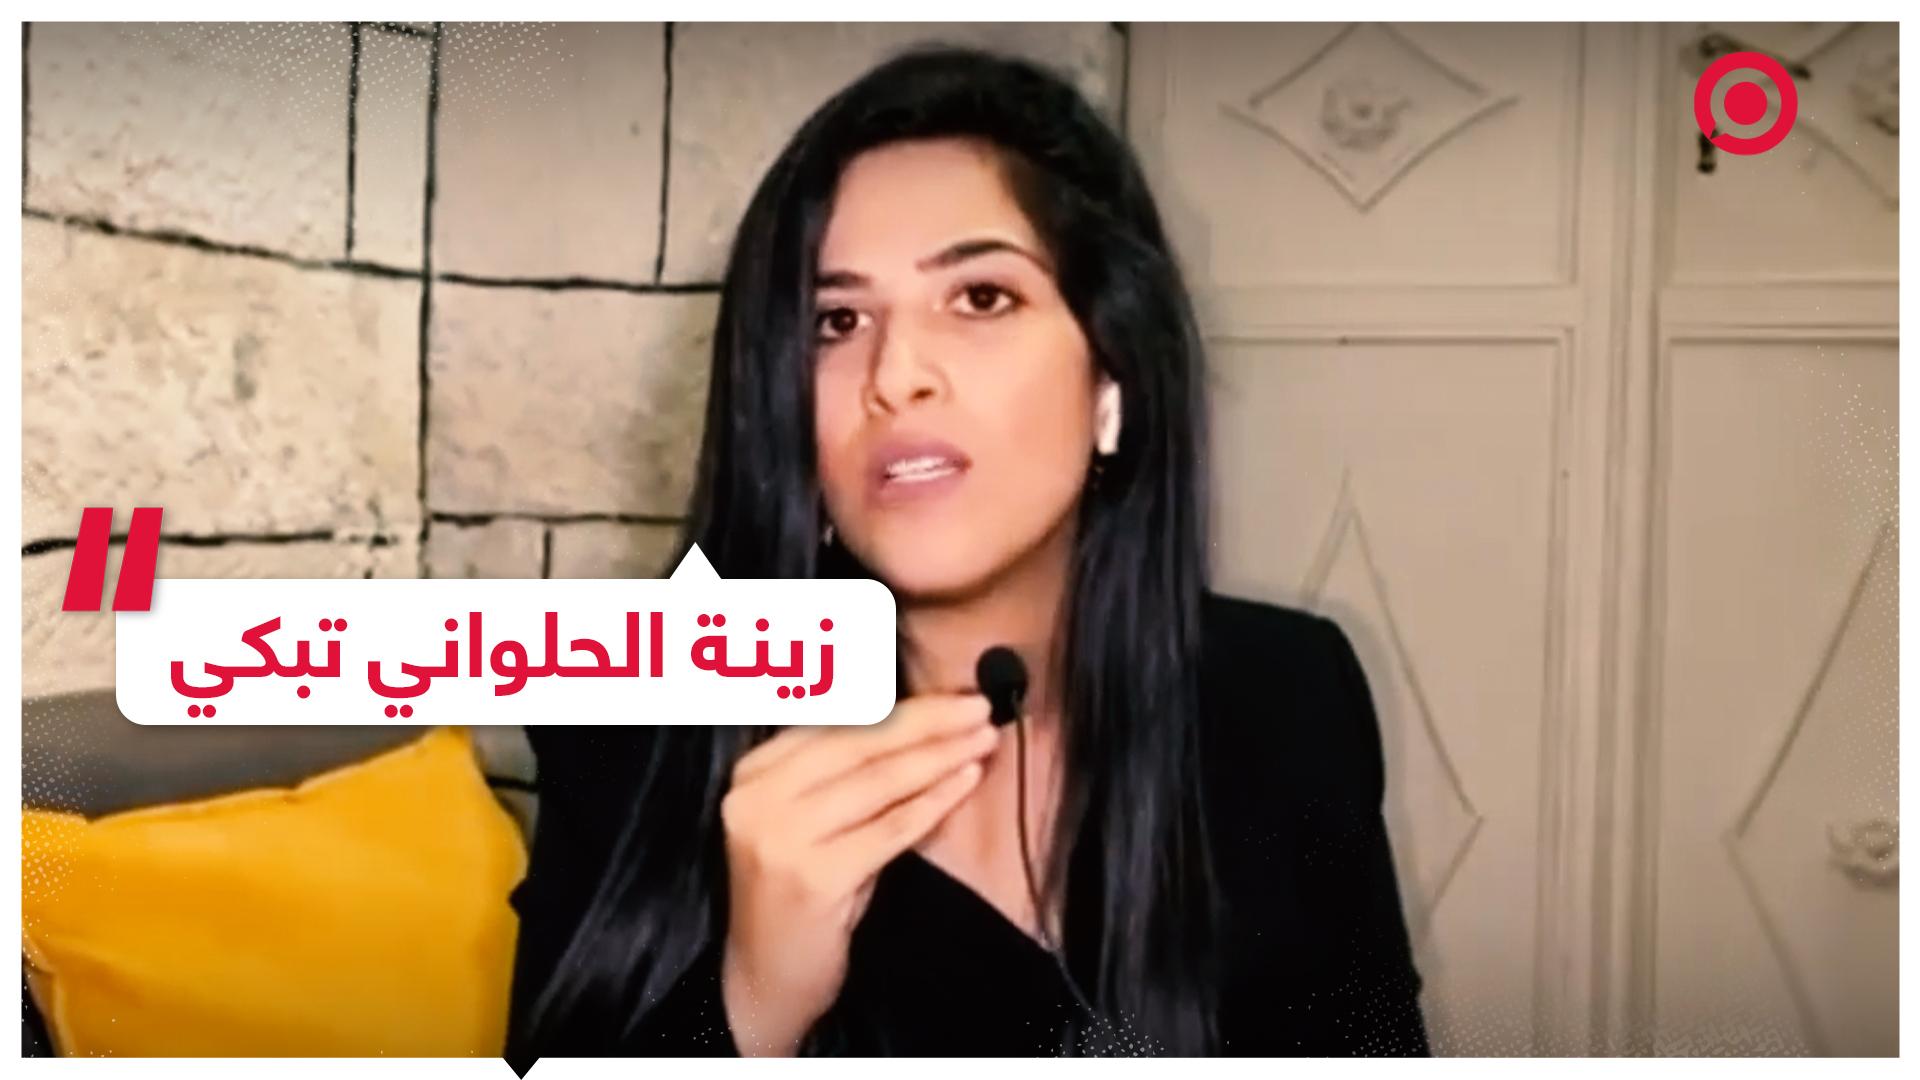 زينة الحلواني.. الصحفية بنت القدس تبكي بحرقة